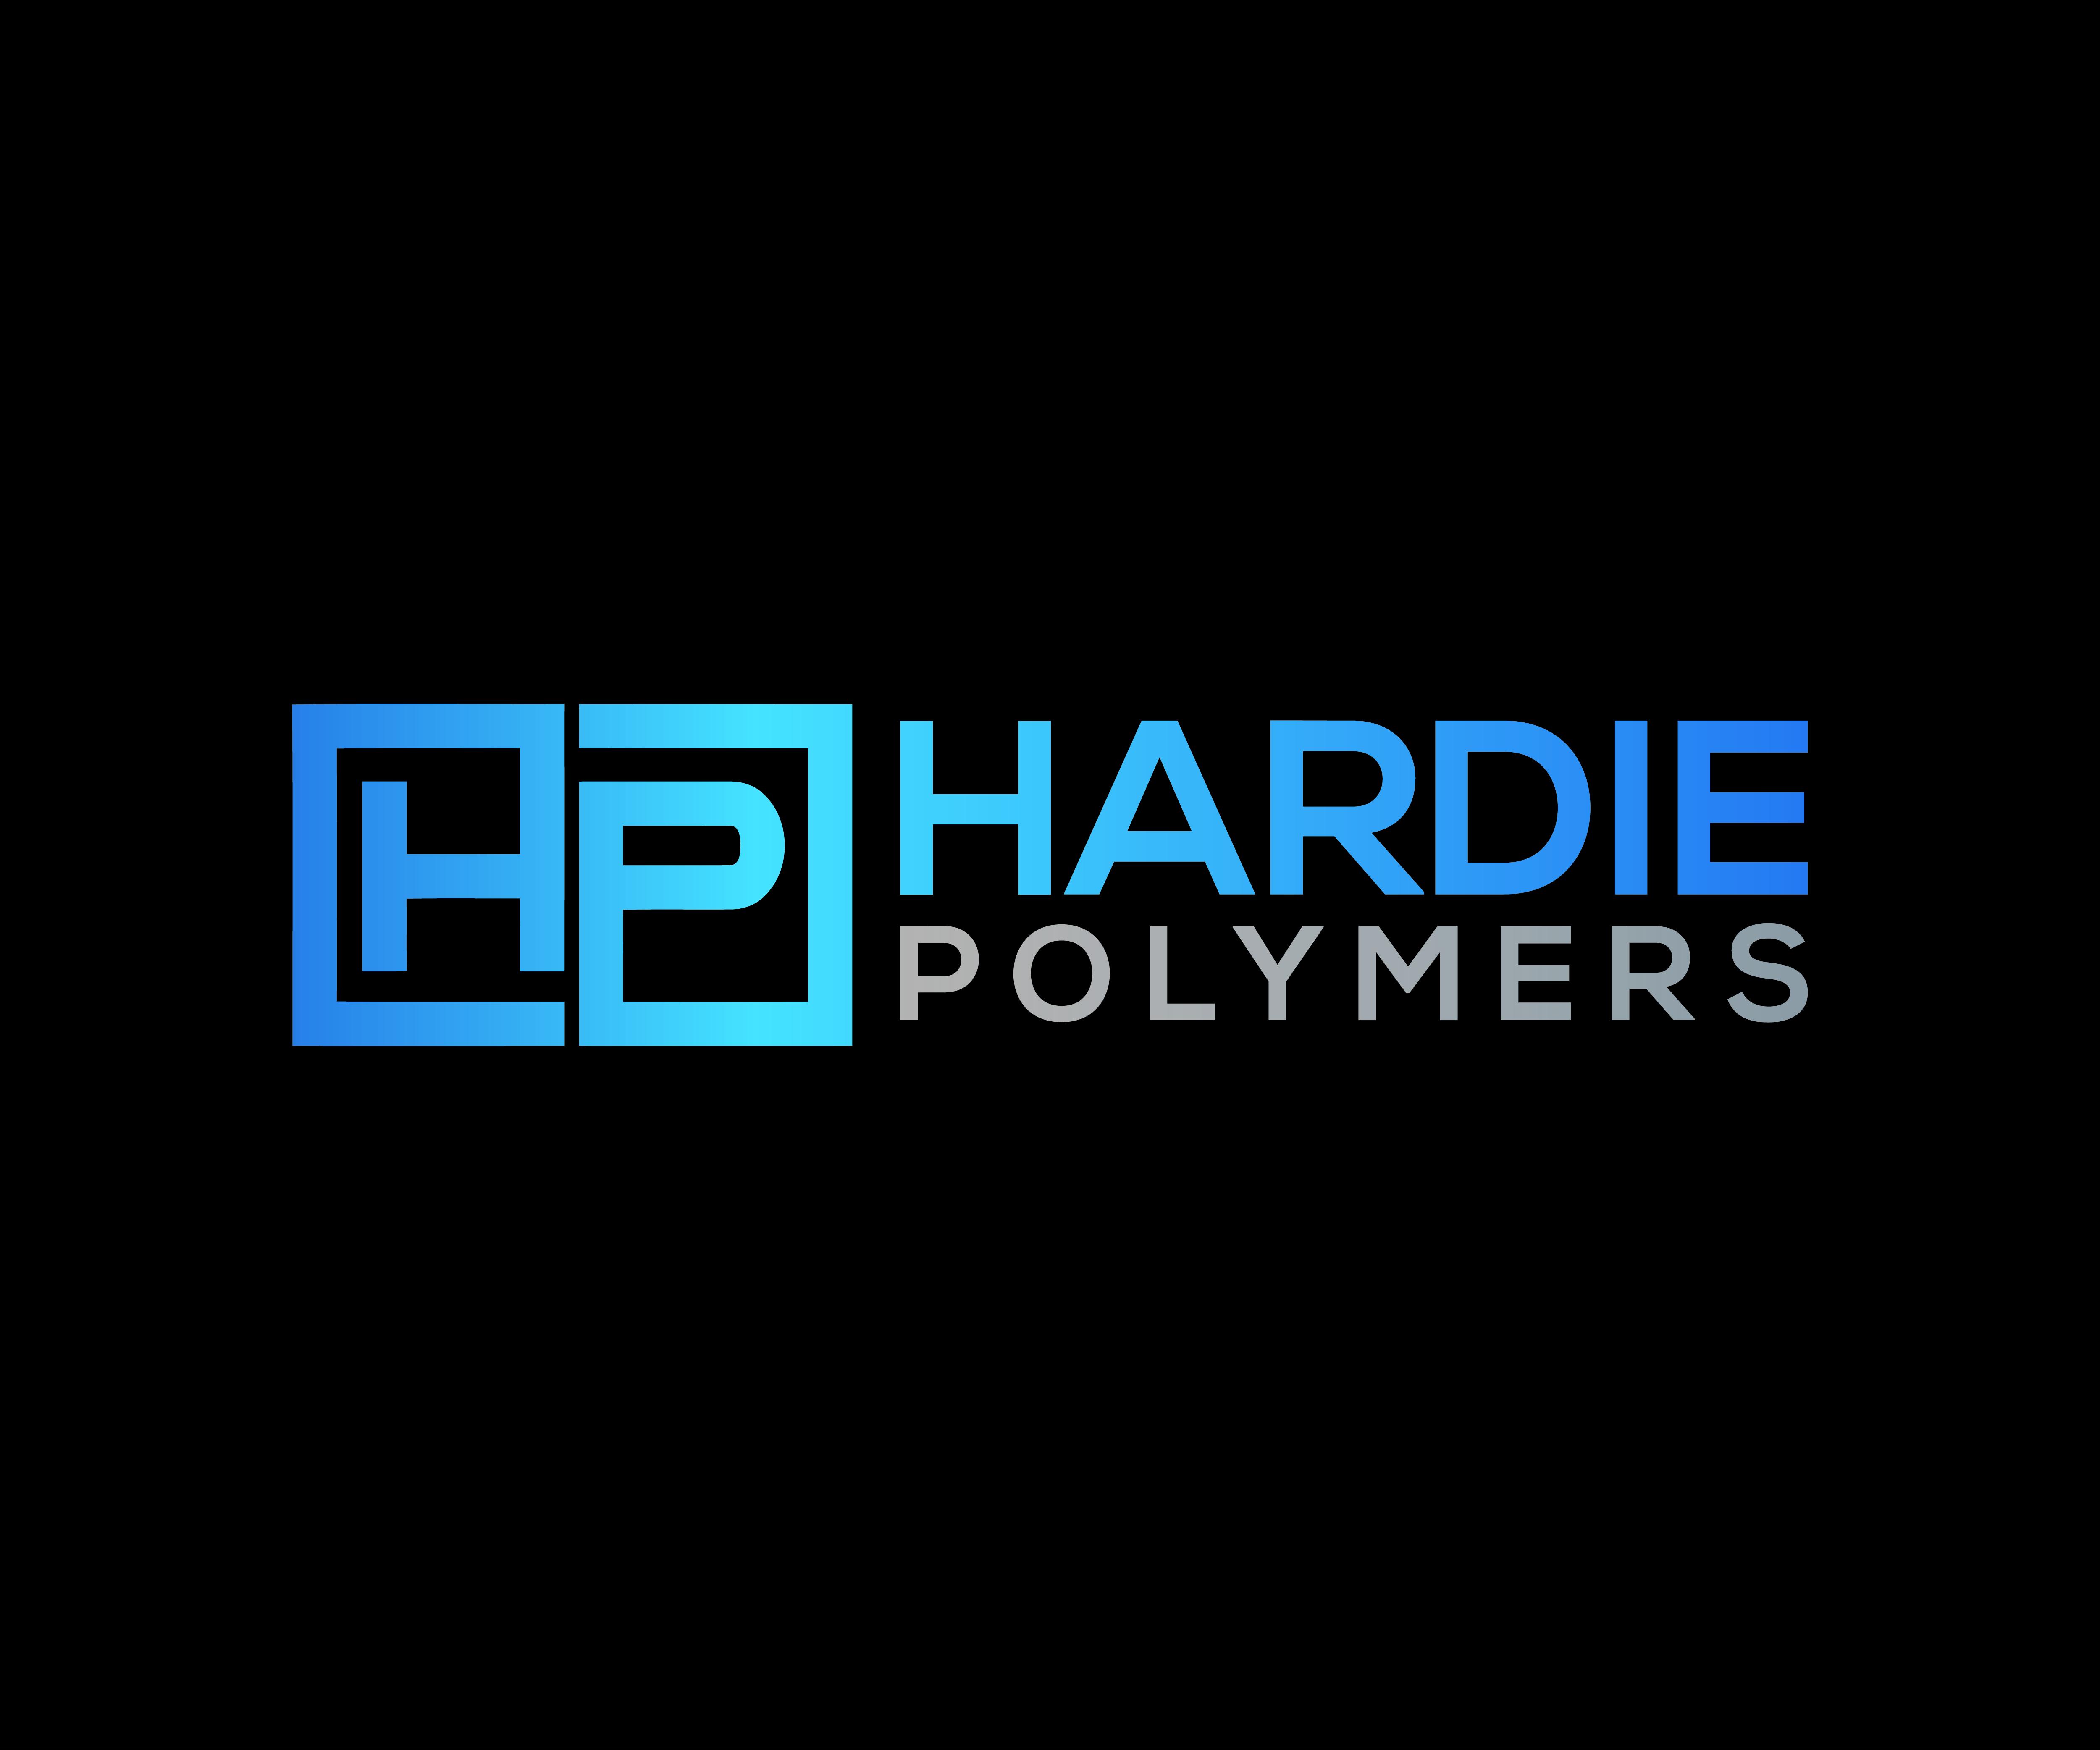 Hardie Polymers Ltd.